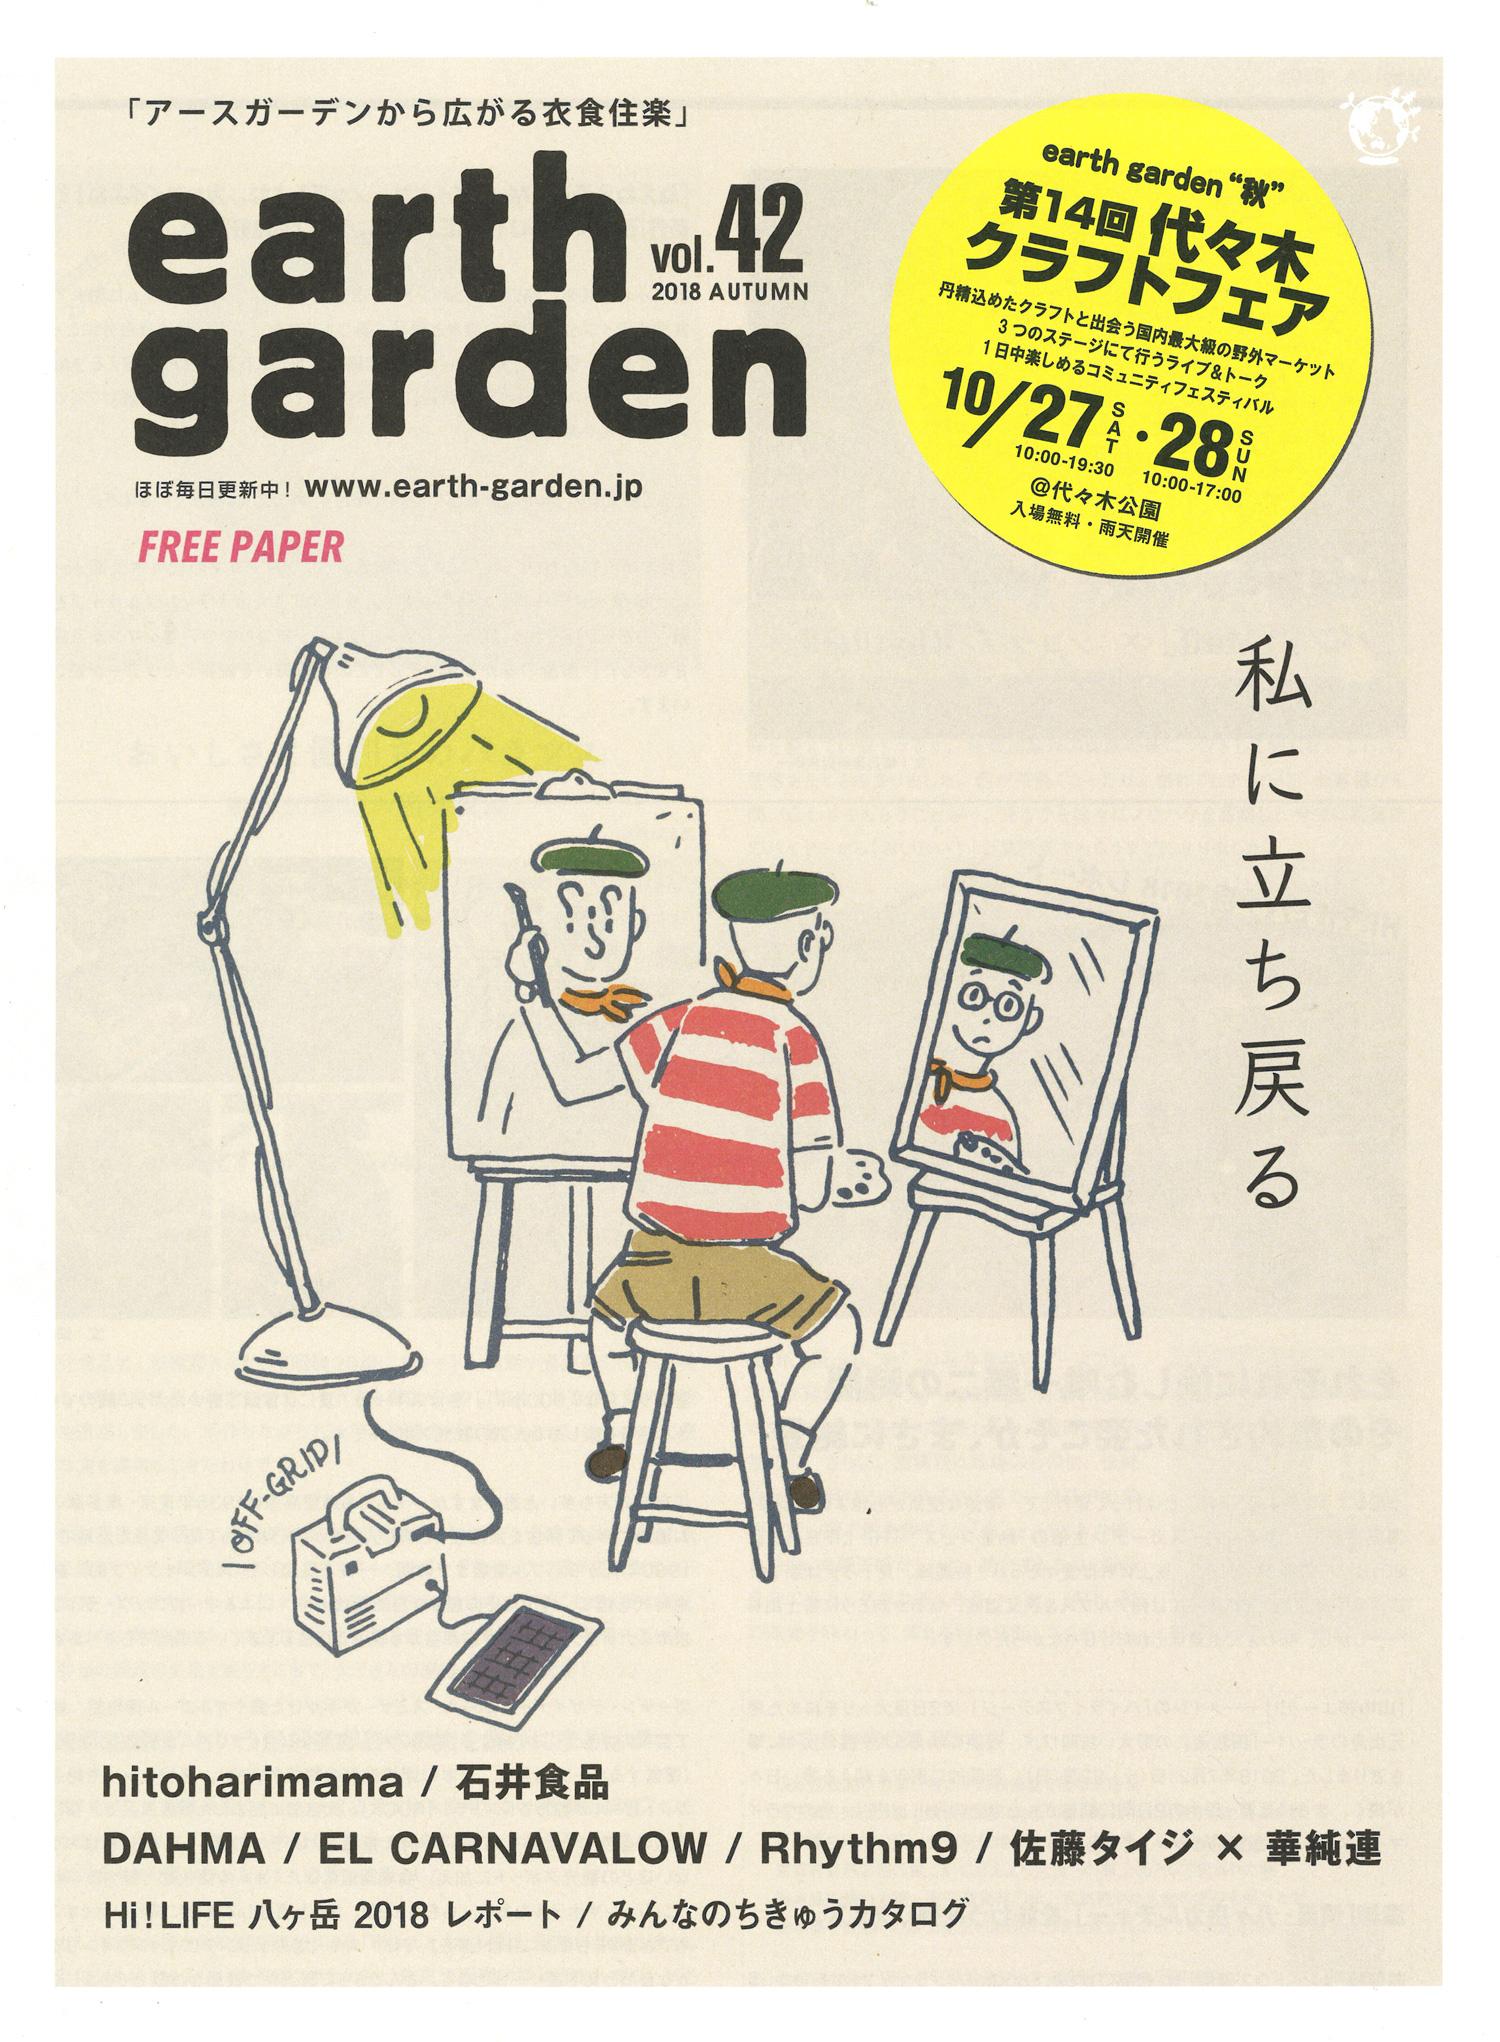 earth garden vol.42